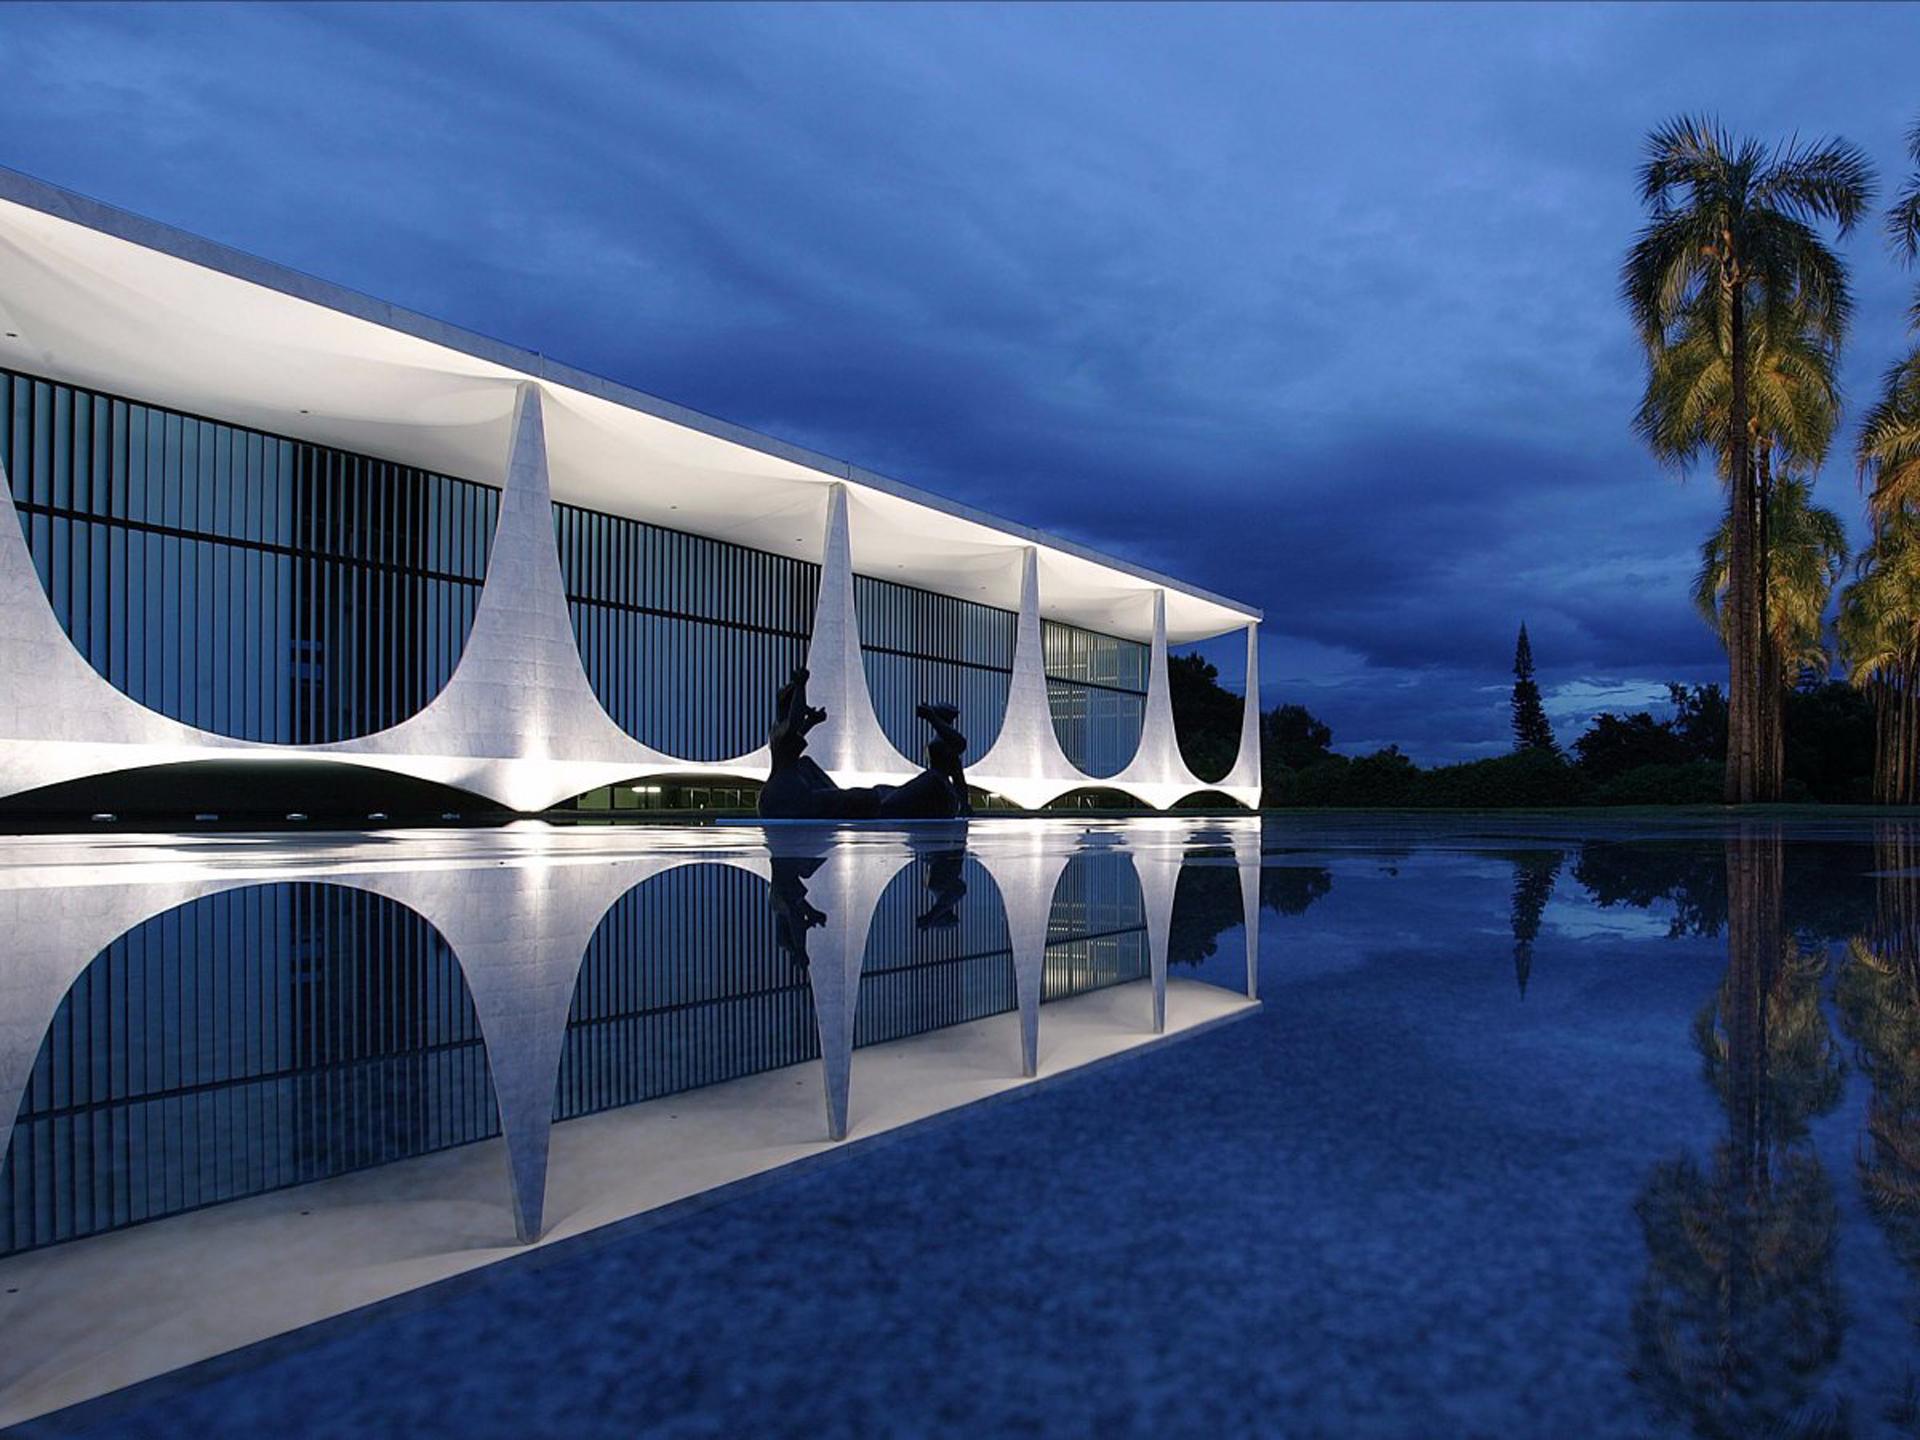 El palacio da Alvorada se encuentra en SHTN Asa Norte, en Brasilia. Albergó a todos los presidentes brasileños desde 1956. Las arquitectura modernista cuenta con una piscina reflectante y esculturas del artista brasileño Alfredo Ceschiatti (Wikimedia Commons / Palácio do Planalto)